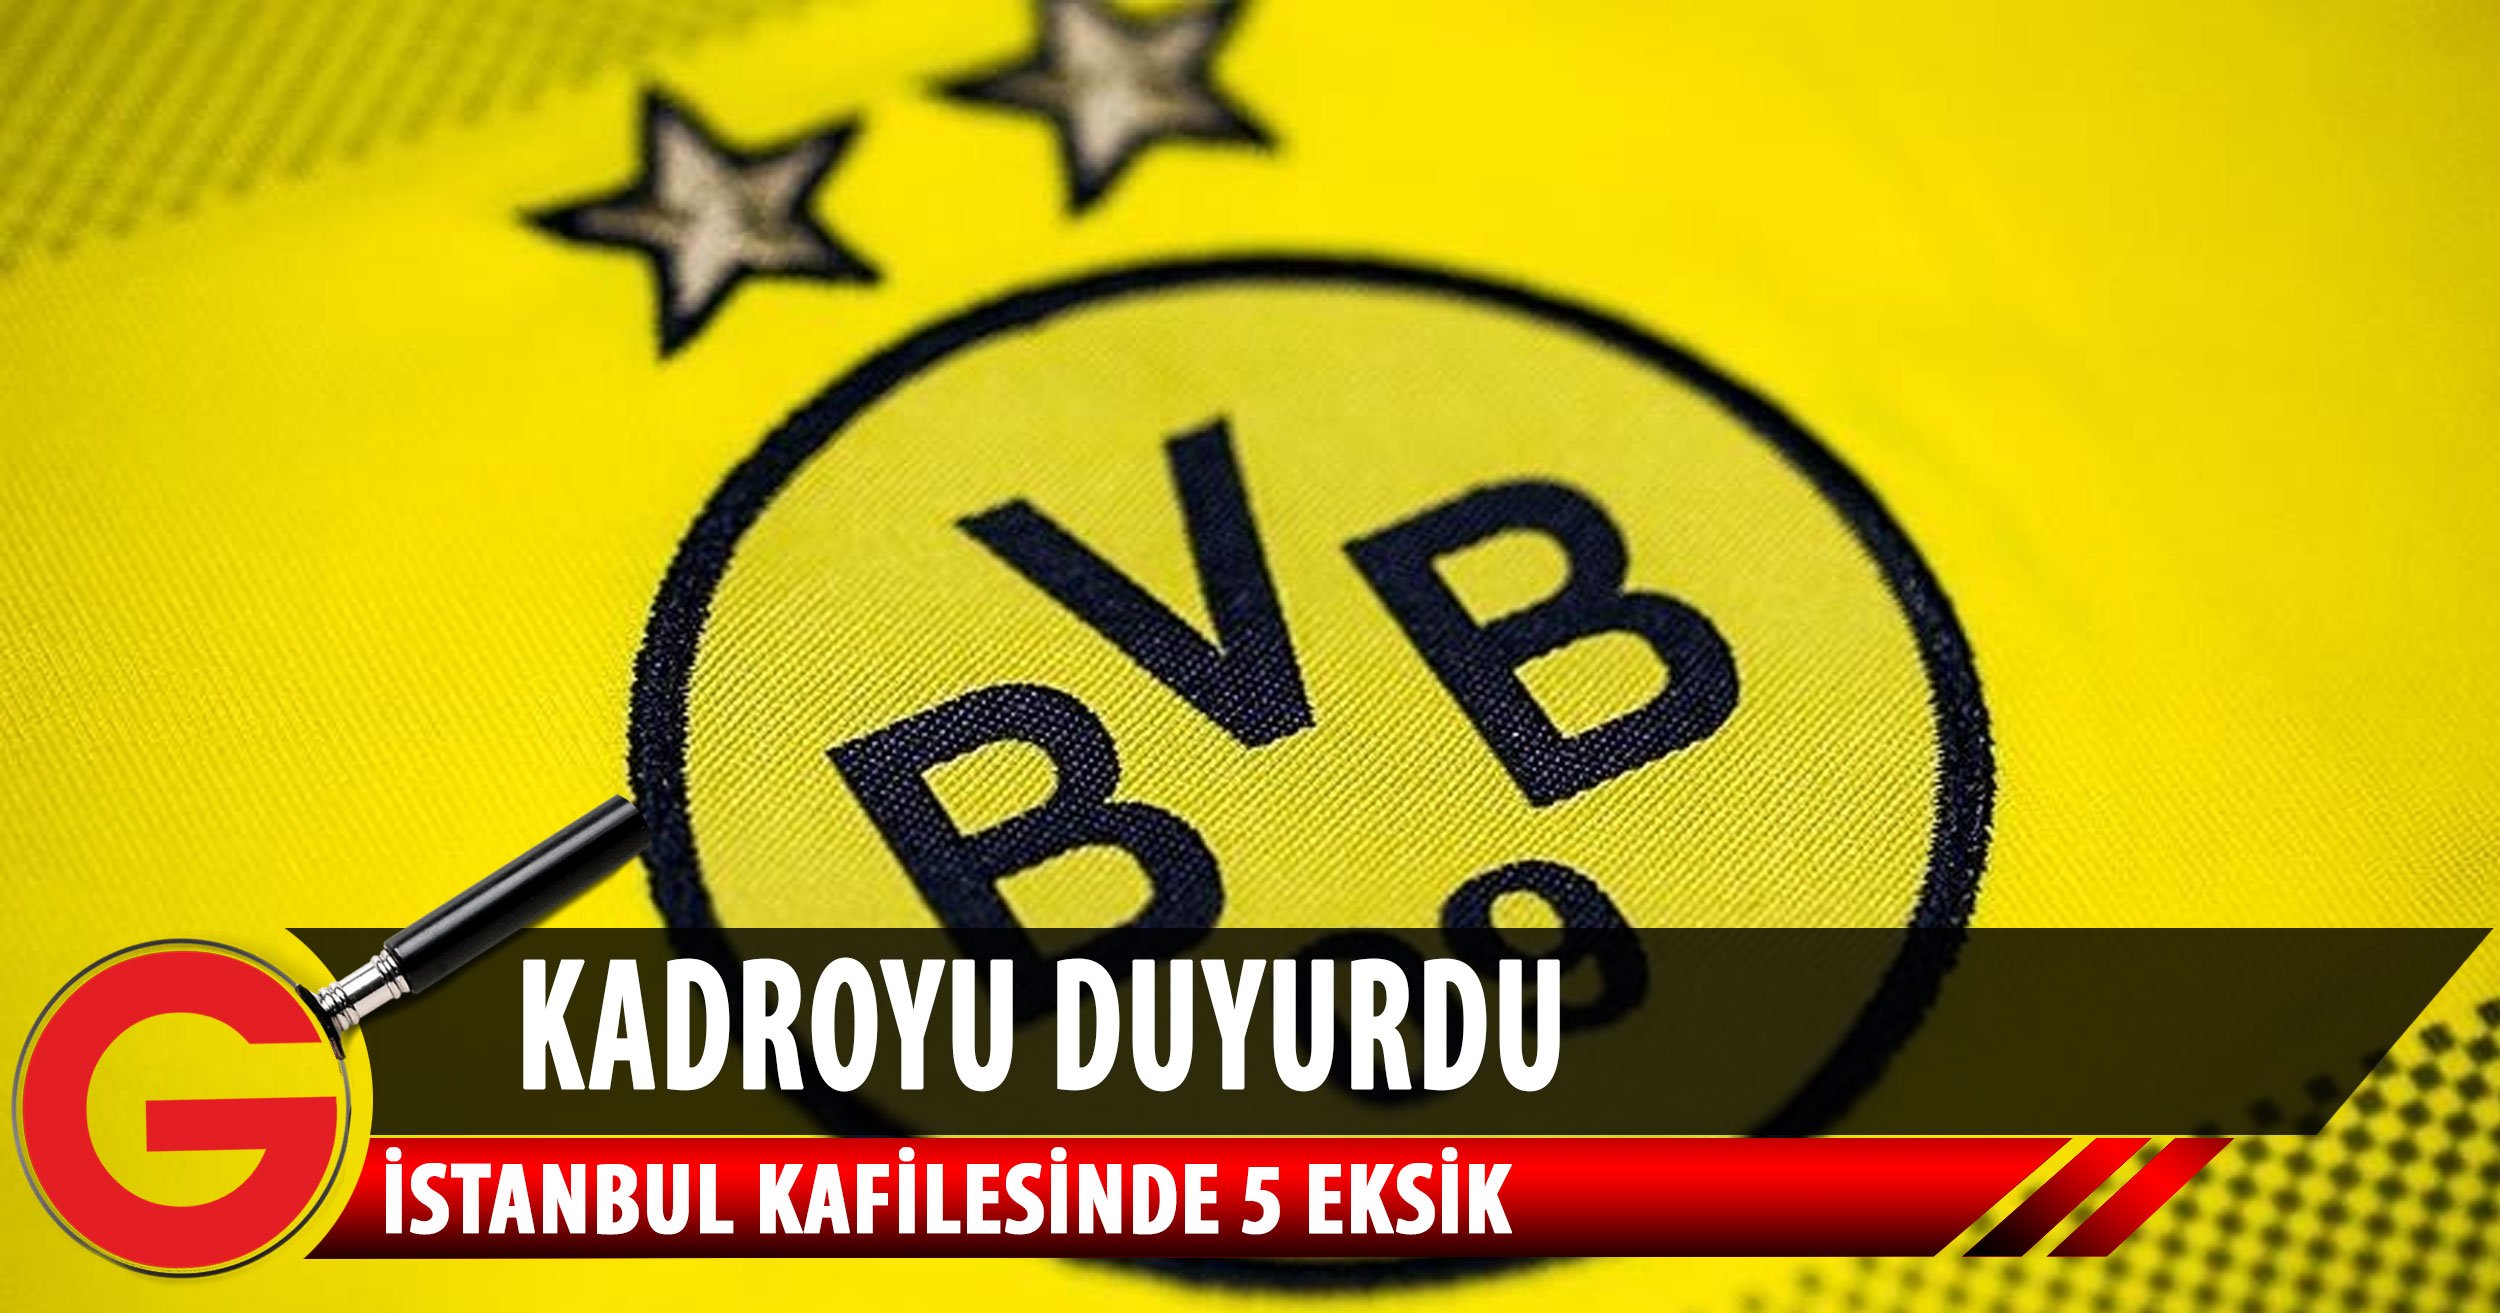 Borussia Dortmund'un İstanbul kafilesinde 5 eksik